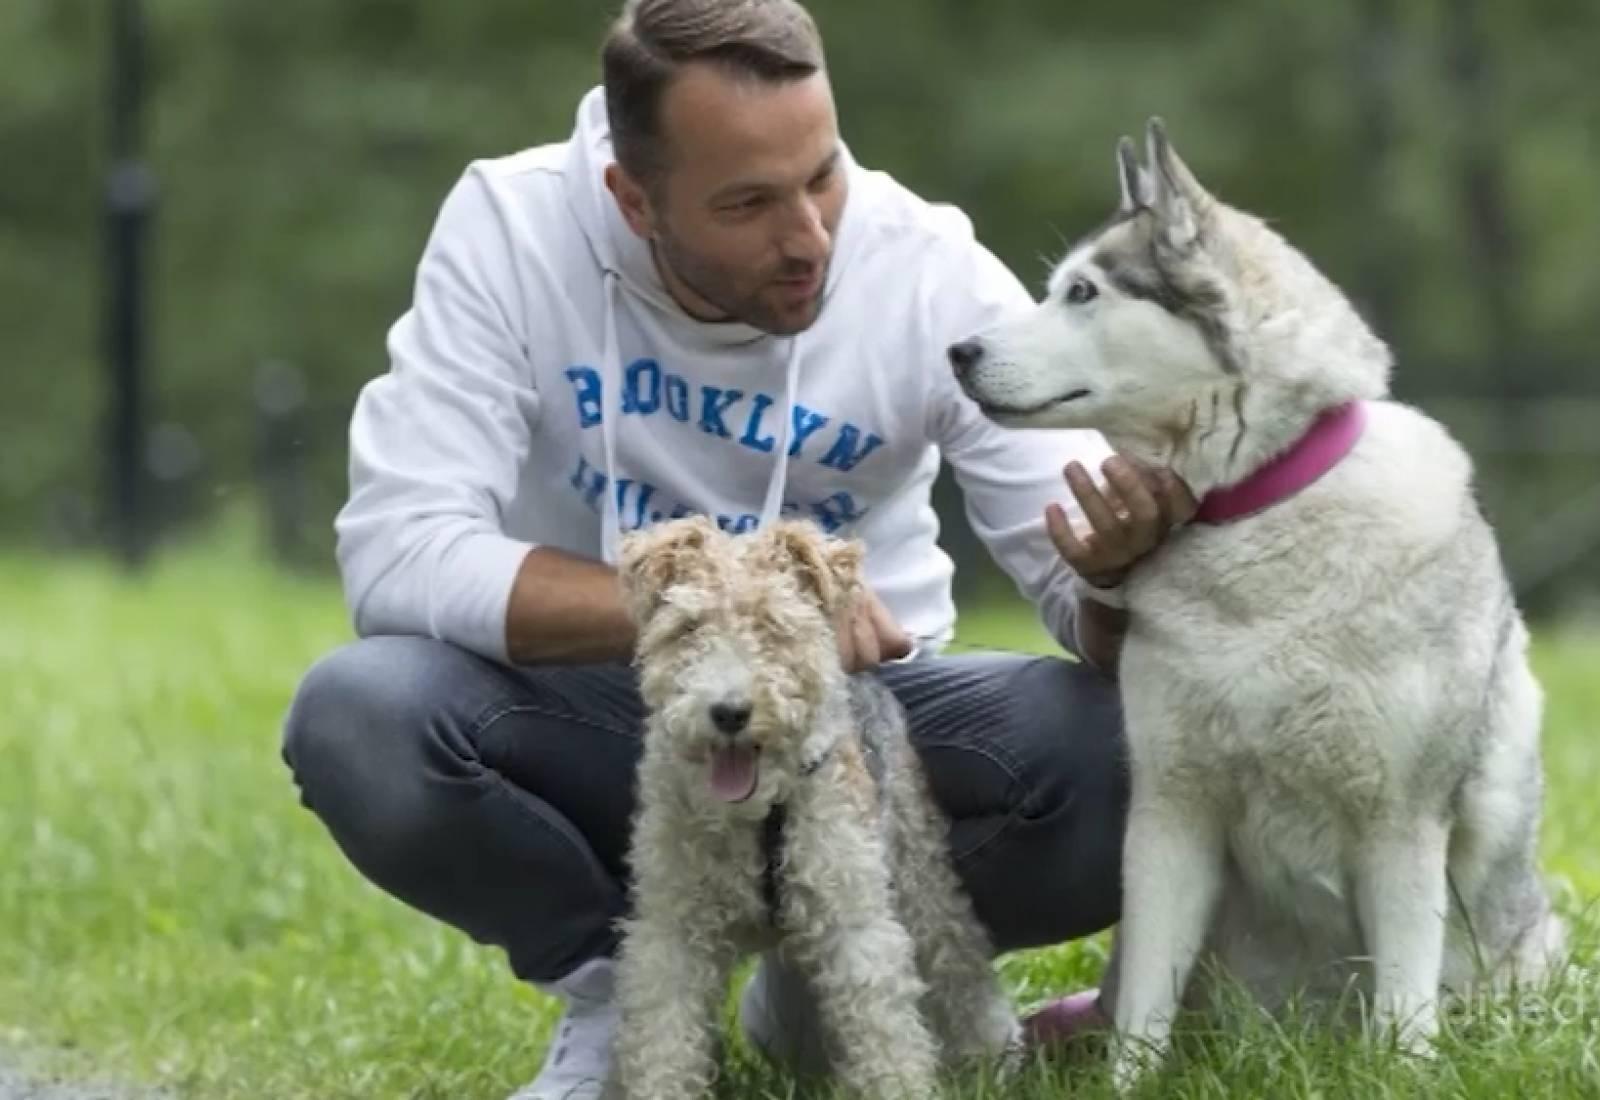 VIDEO! Hea südamega inimene! Vaata, kuidas jõudis Bert Pringi koju tema teine imearmas koerake